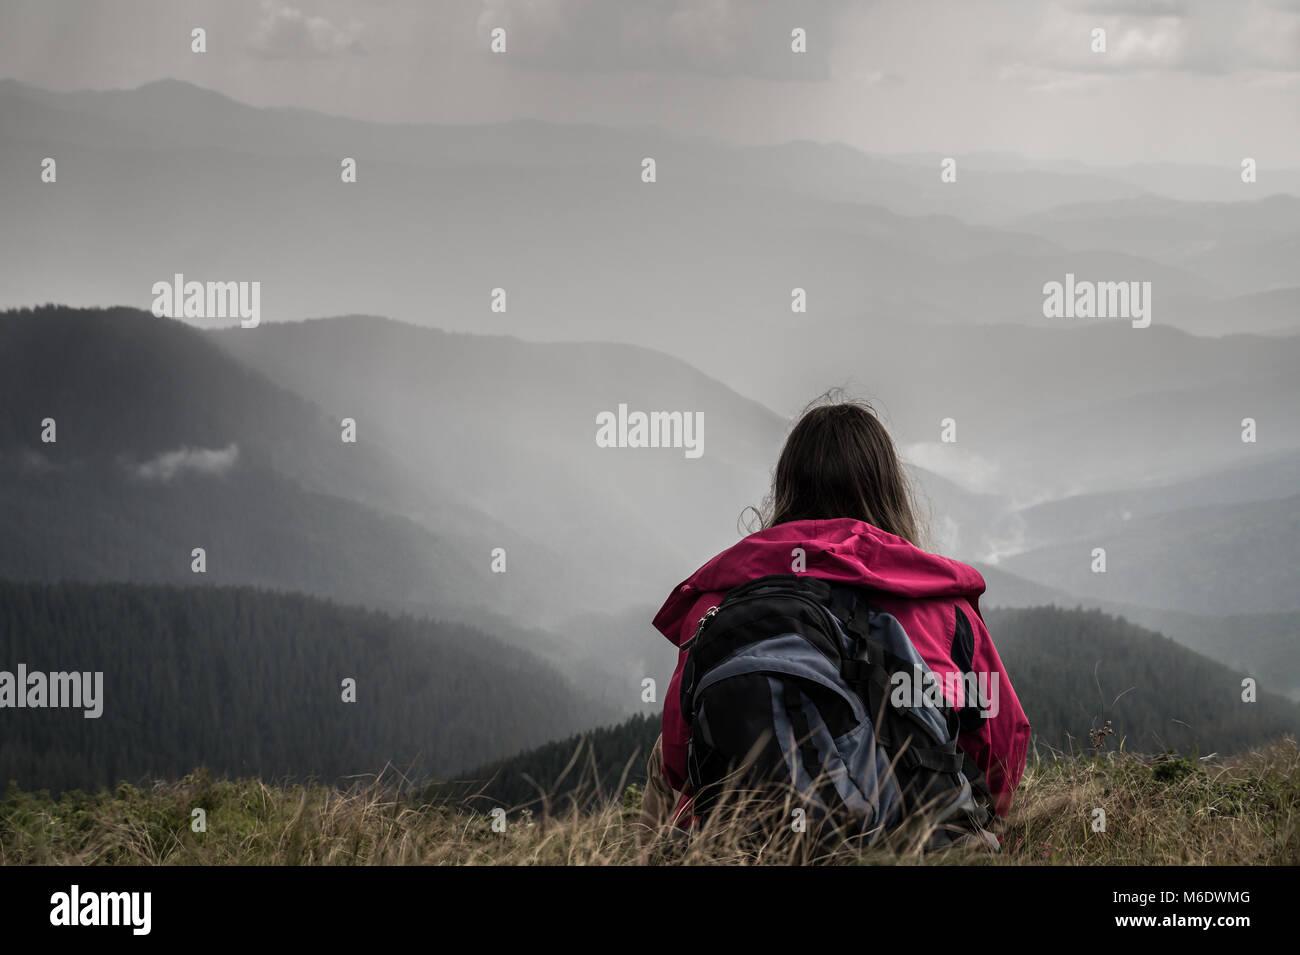 Mujer joven excursionista con mochila se sienta en el césped en la cima de la colina en los Cárpatos ucranianos Imagen De Stock